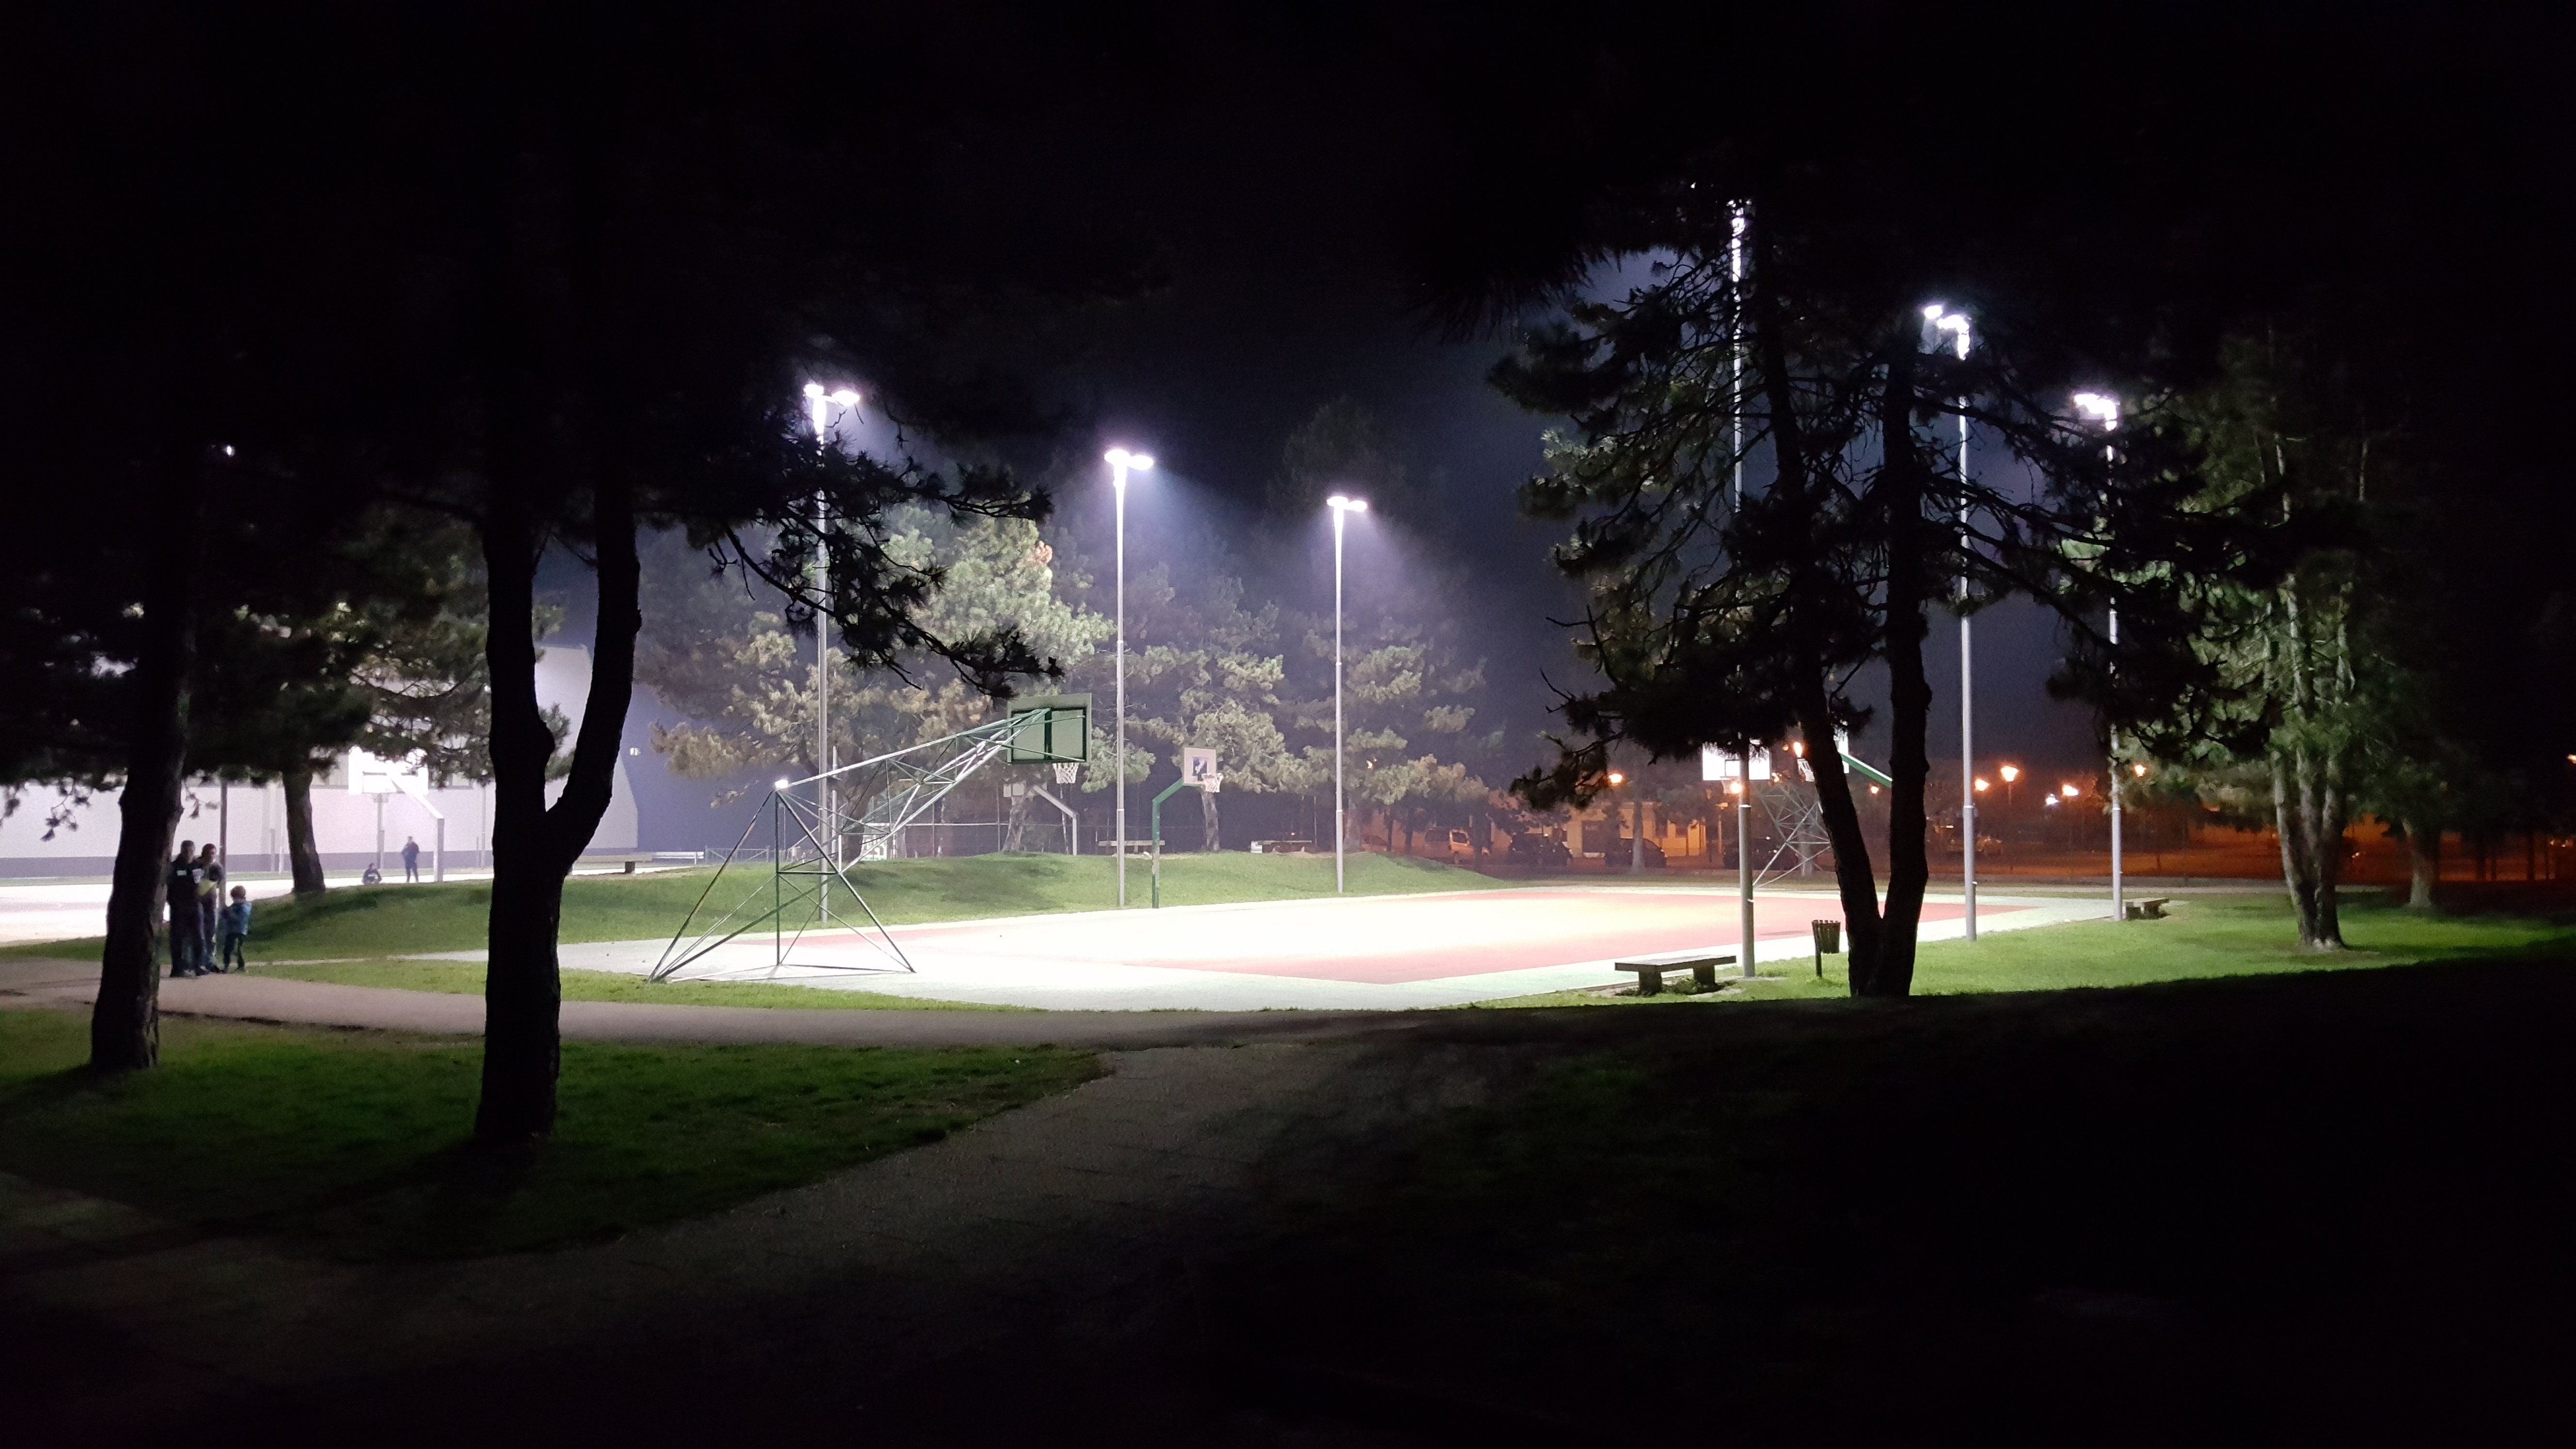 športni center žALLEC